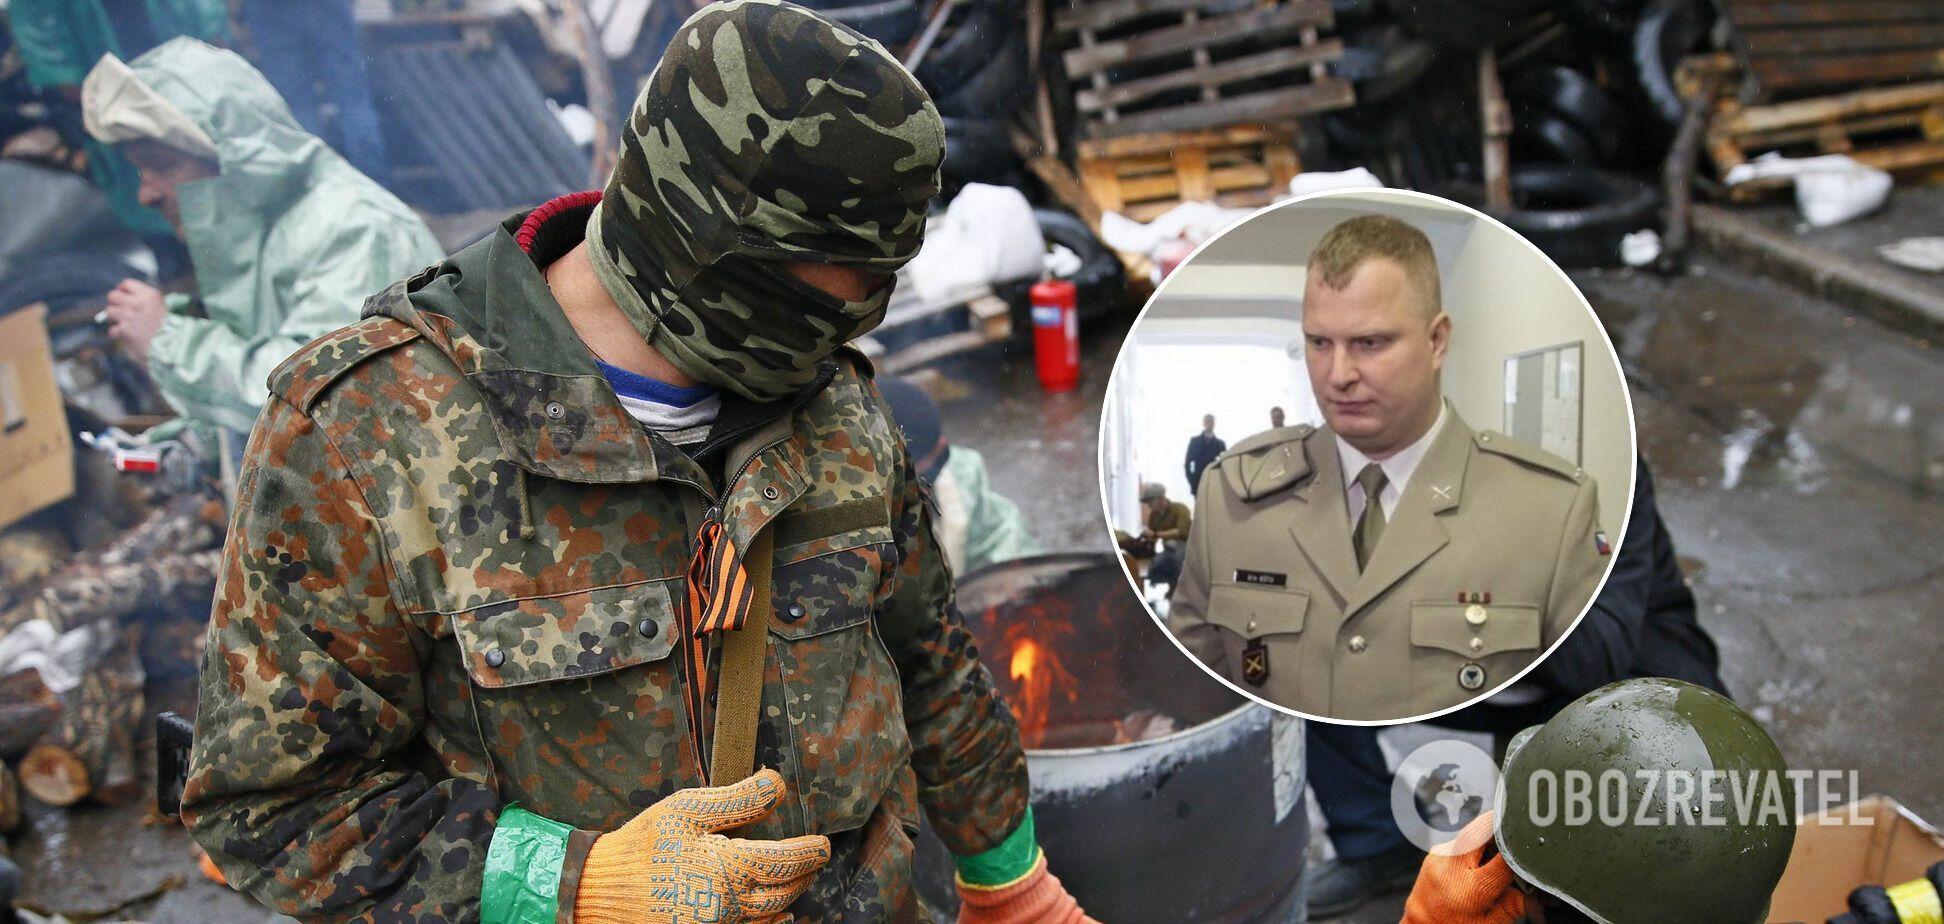 Хорошие новости: с 'интербригадами' у Кремля на Донбассе таки не складывается